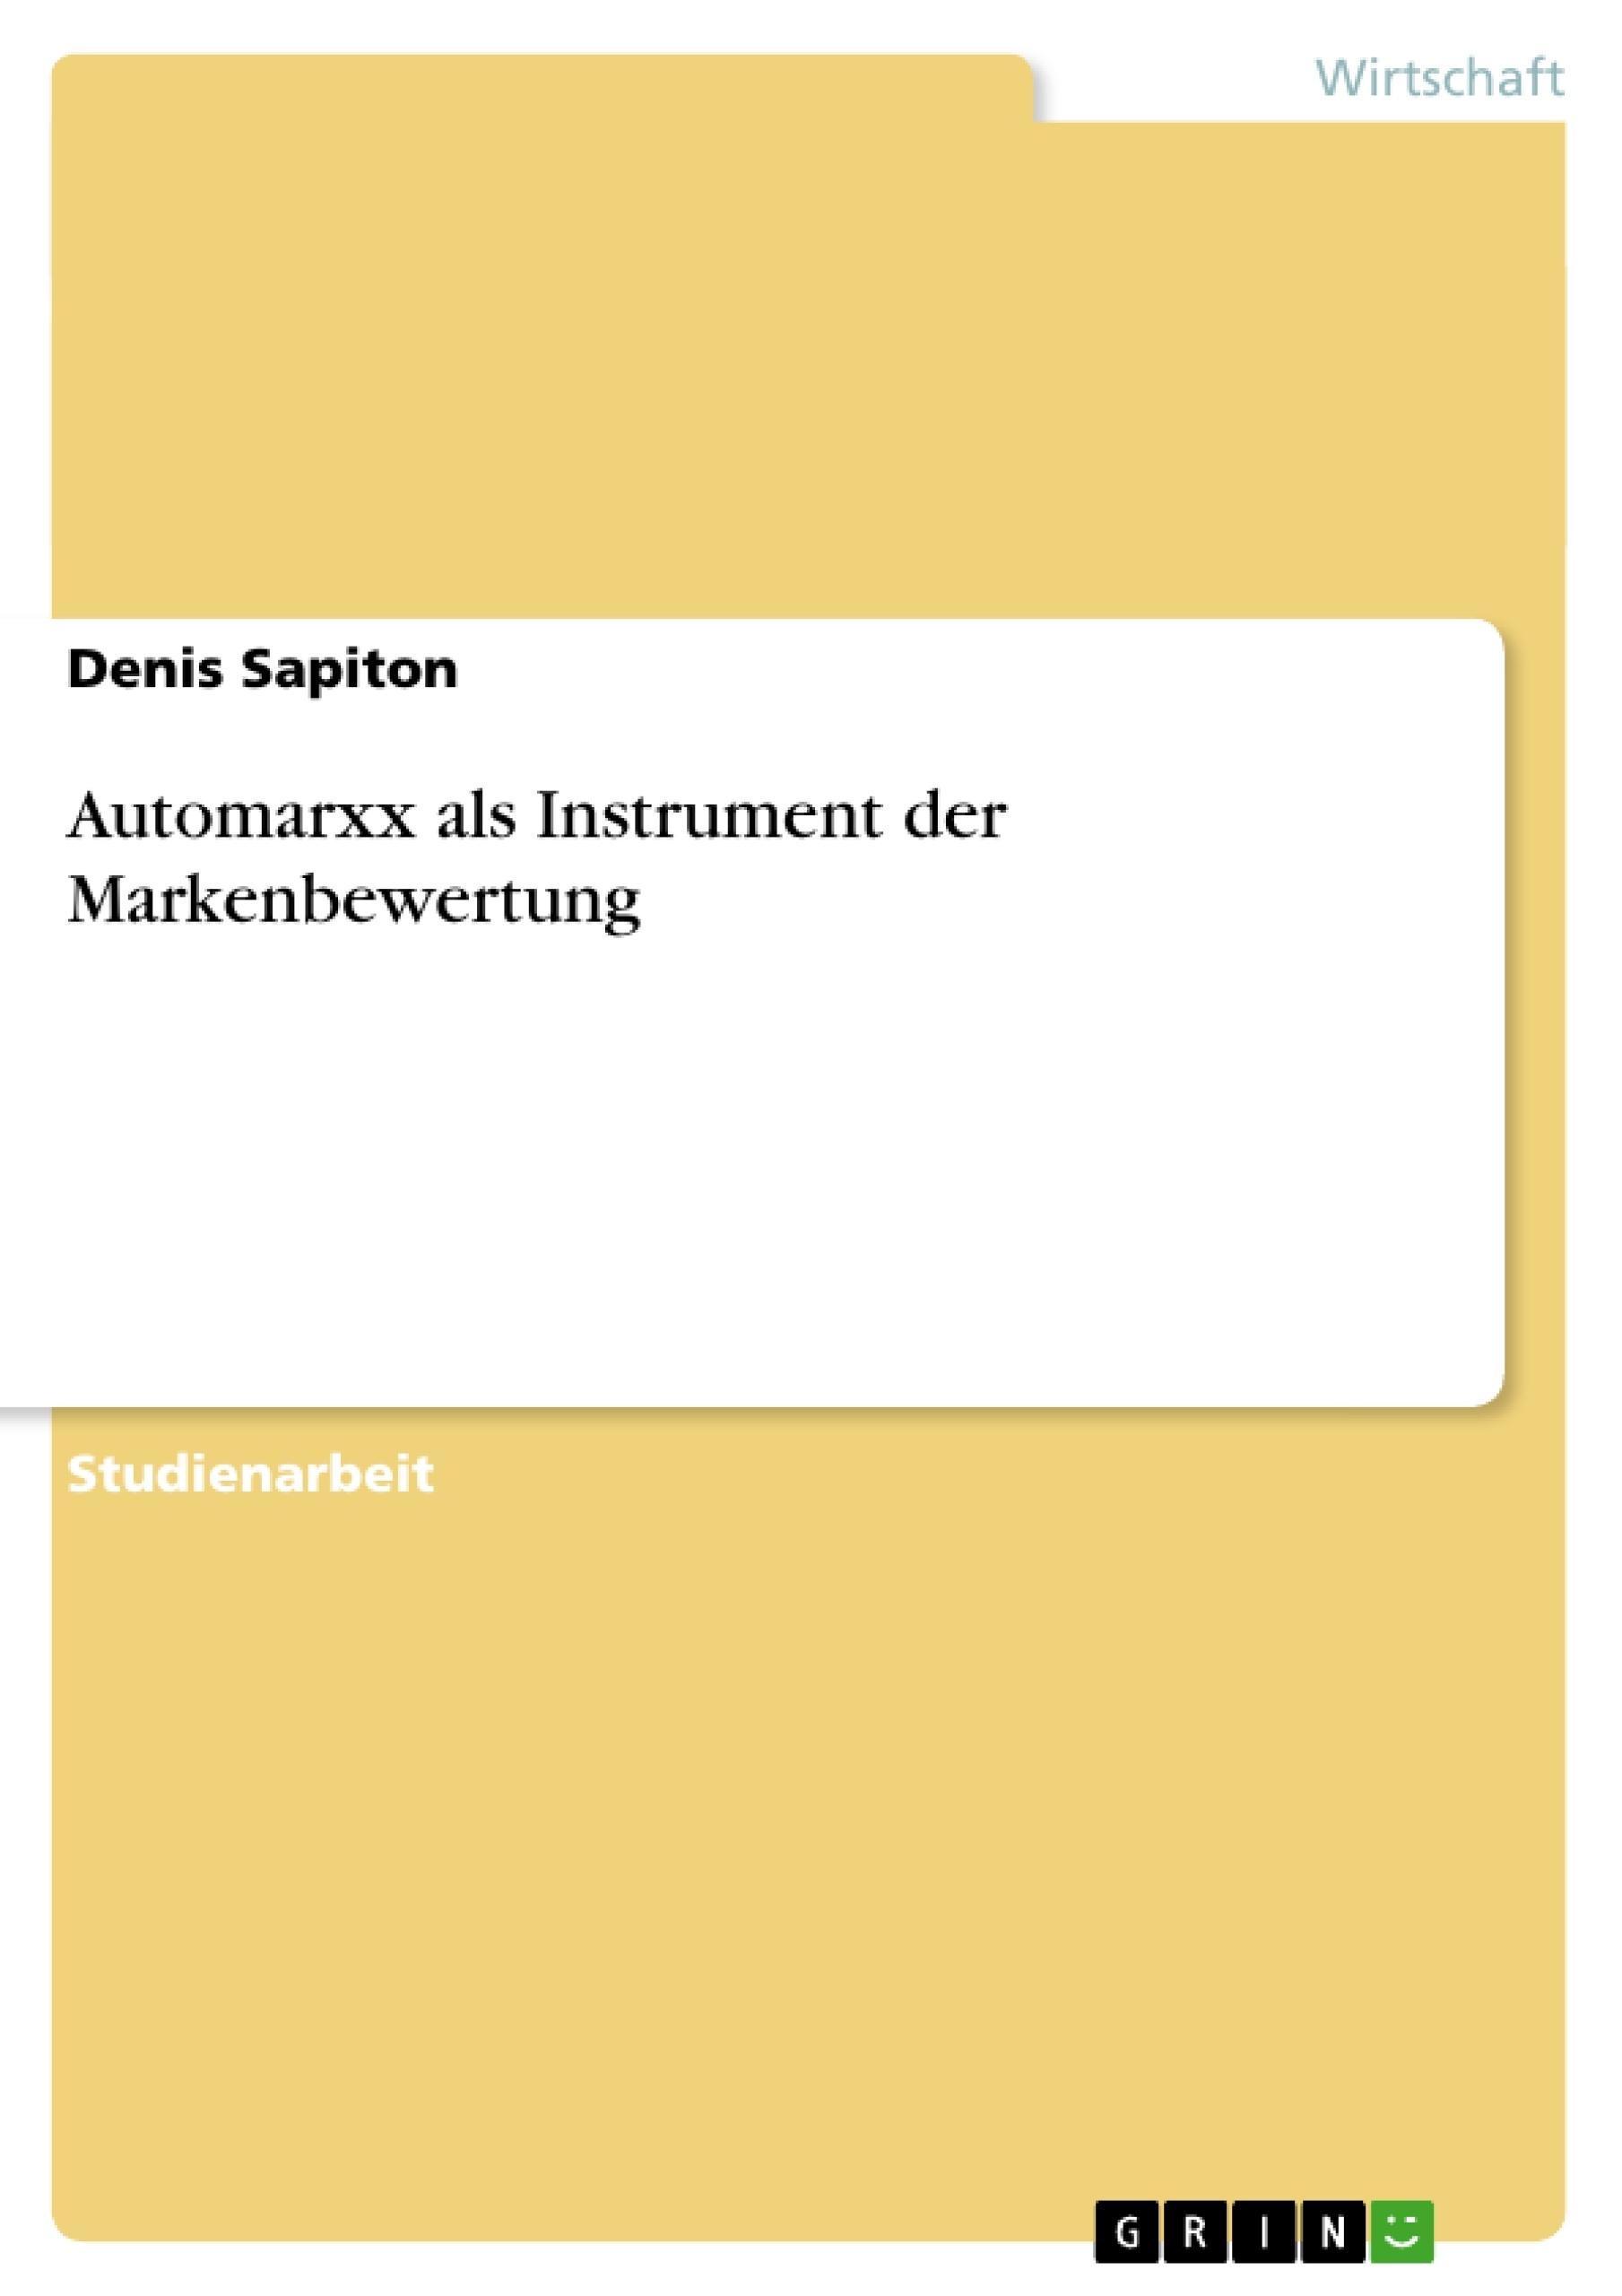 Titel: Automarxx als Instrument der Markenbewertung